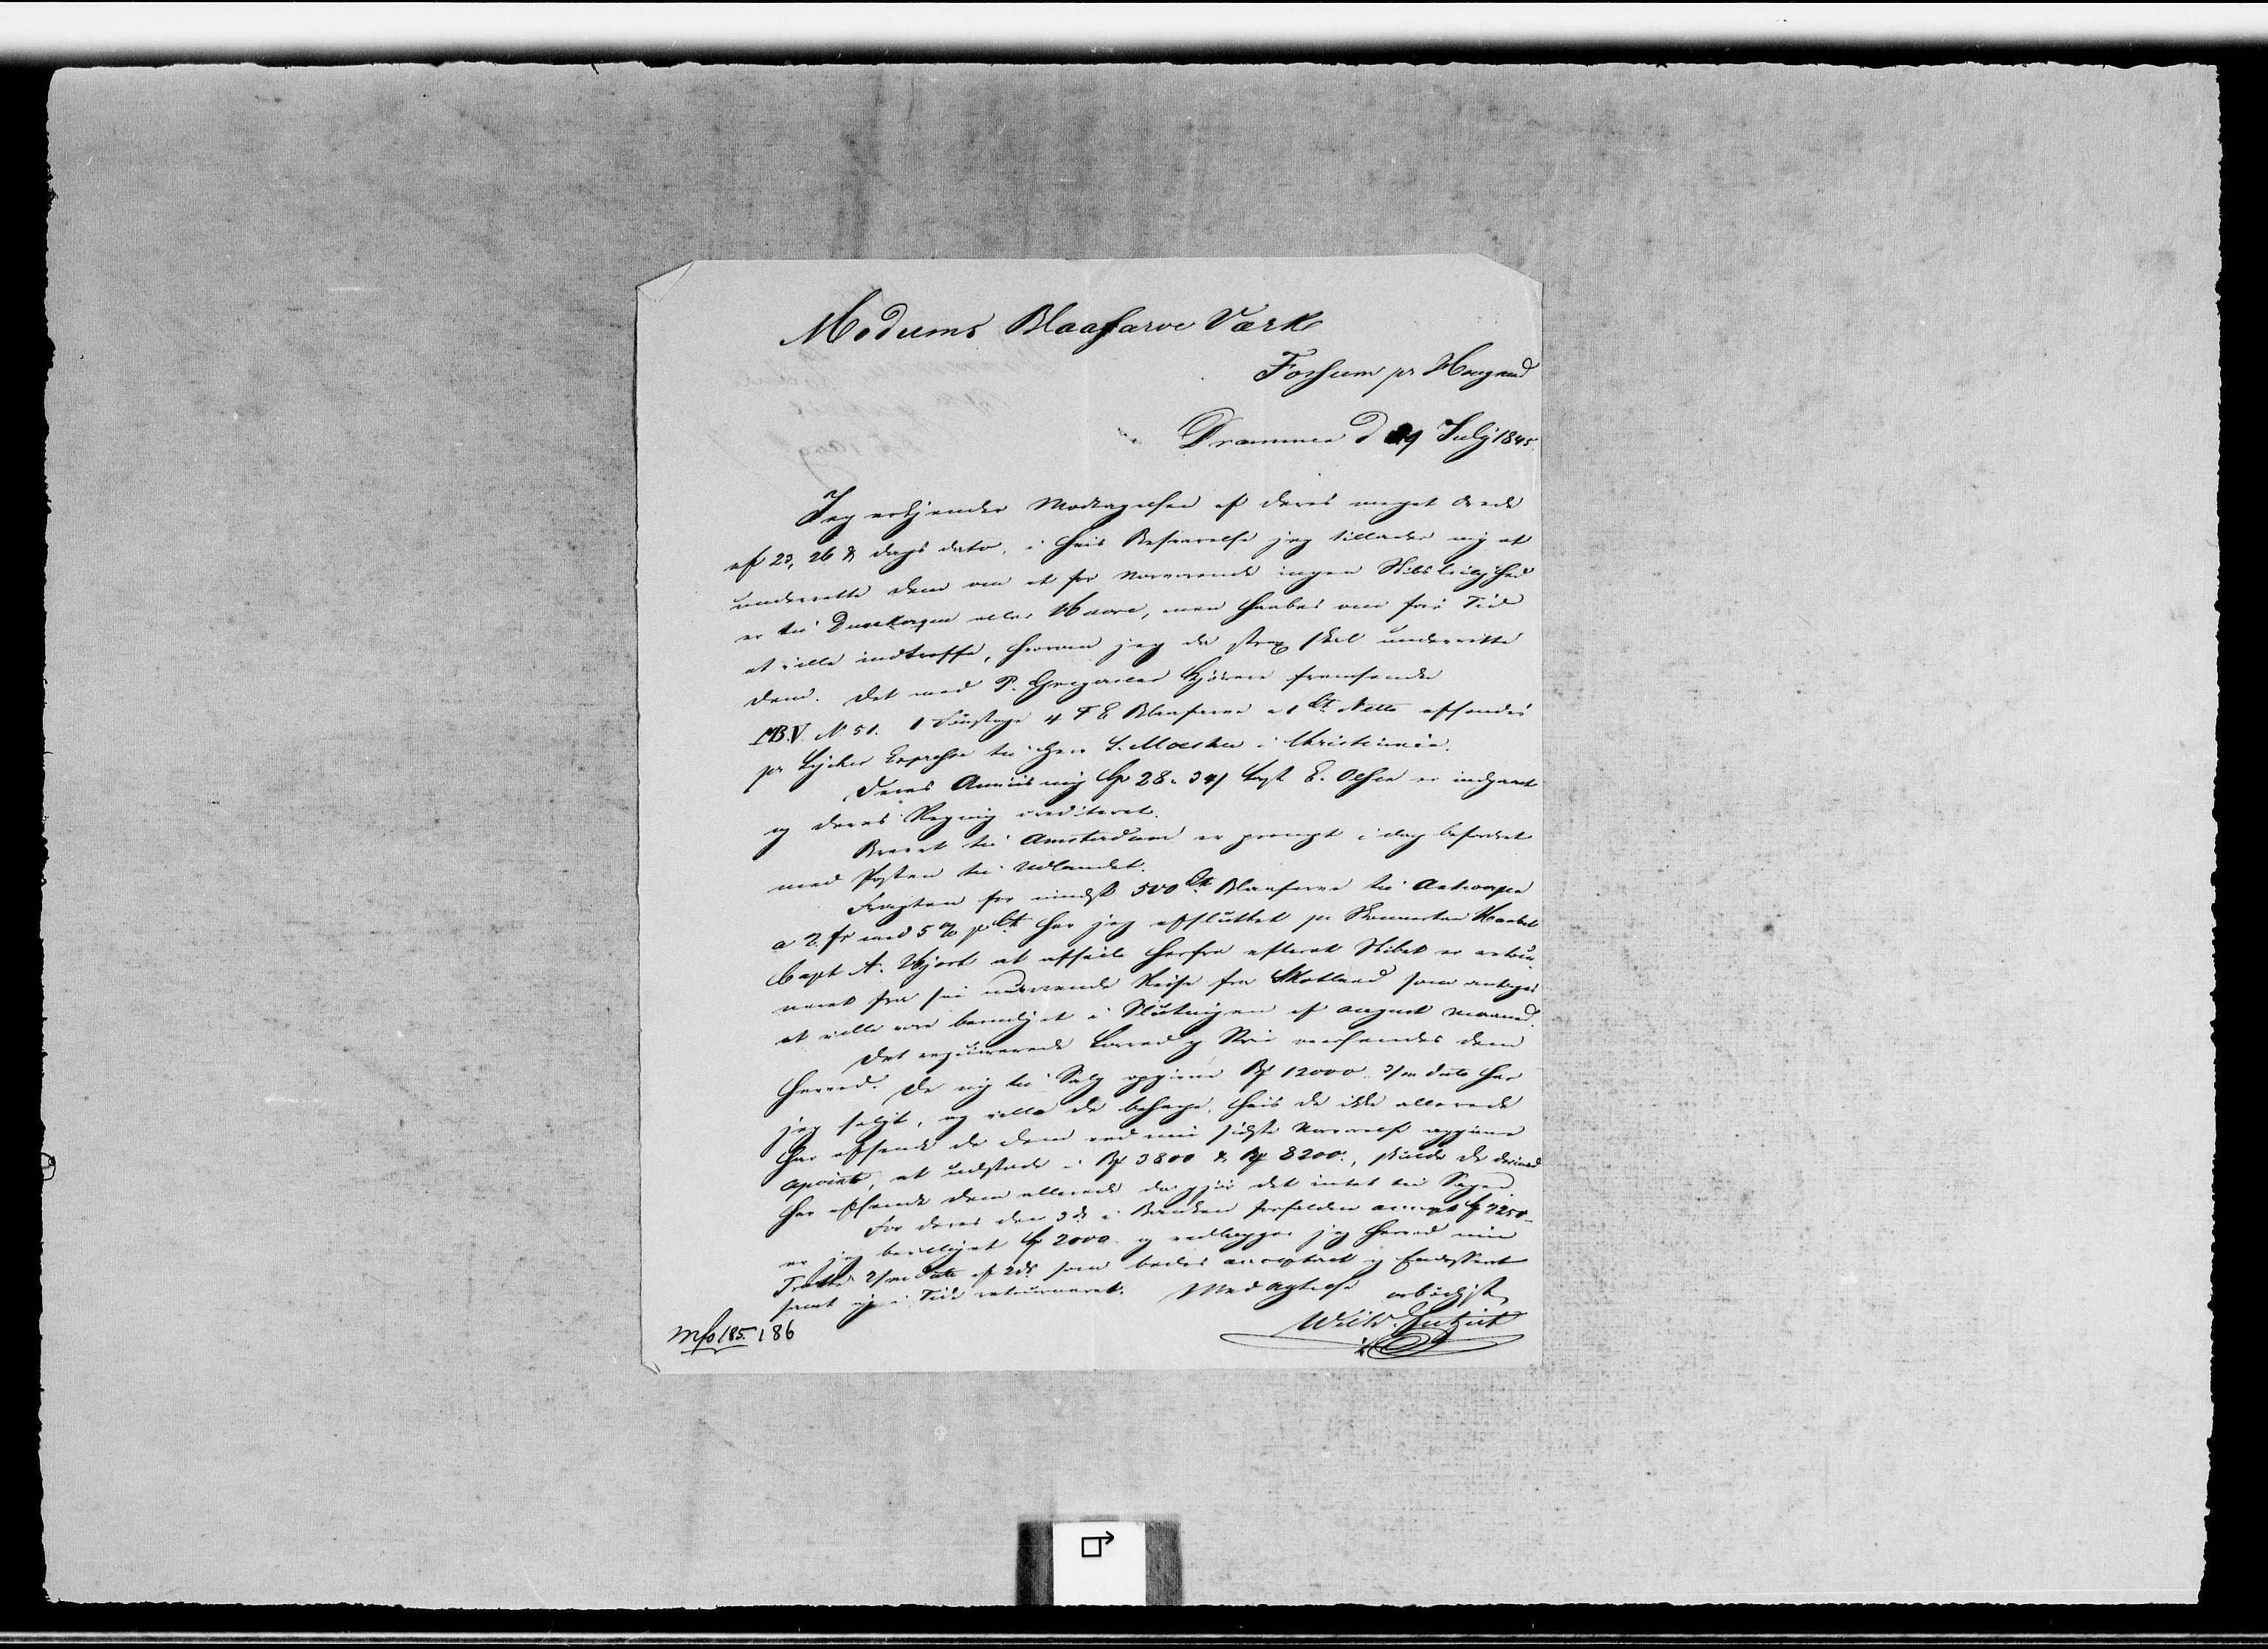 RA, Modums Blaafarveværk, G/Gb/L0130, 1845-1846, s. 2